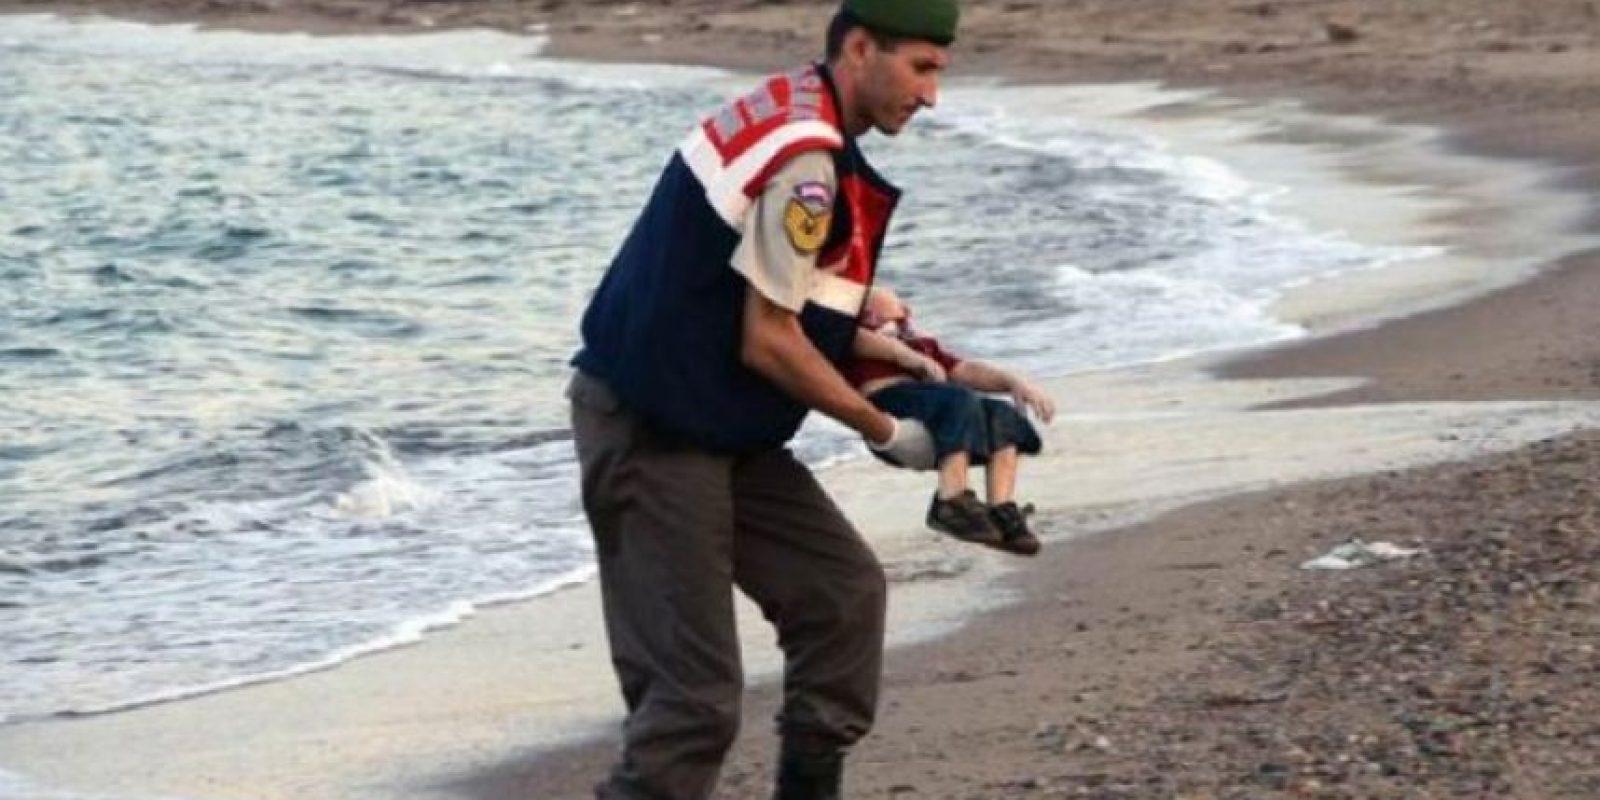 Su cuerpo se encontró después de que se hundió la embarcación donde intentaba migrar con su familia hacia Europa, en búsqueda de una vida mejor Foto:AFP